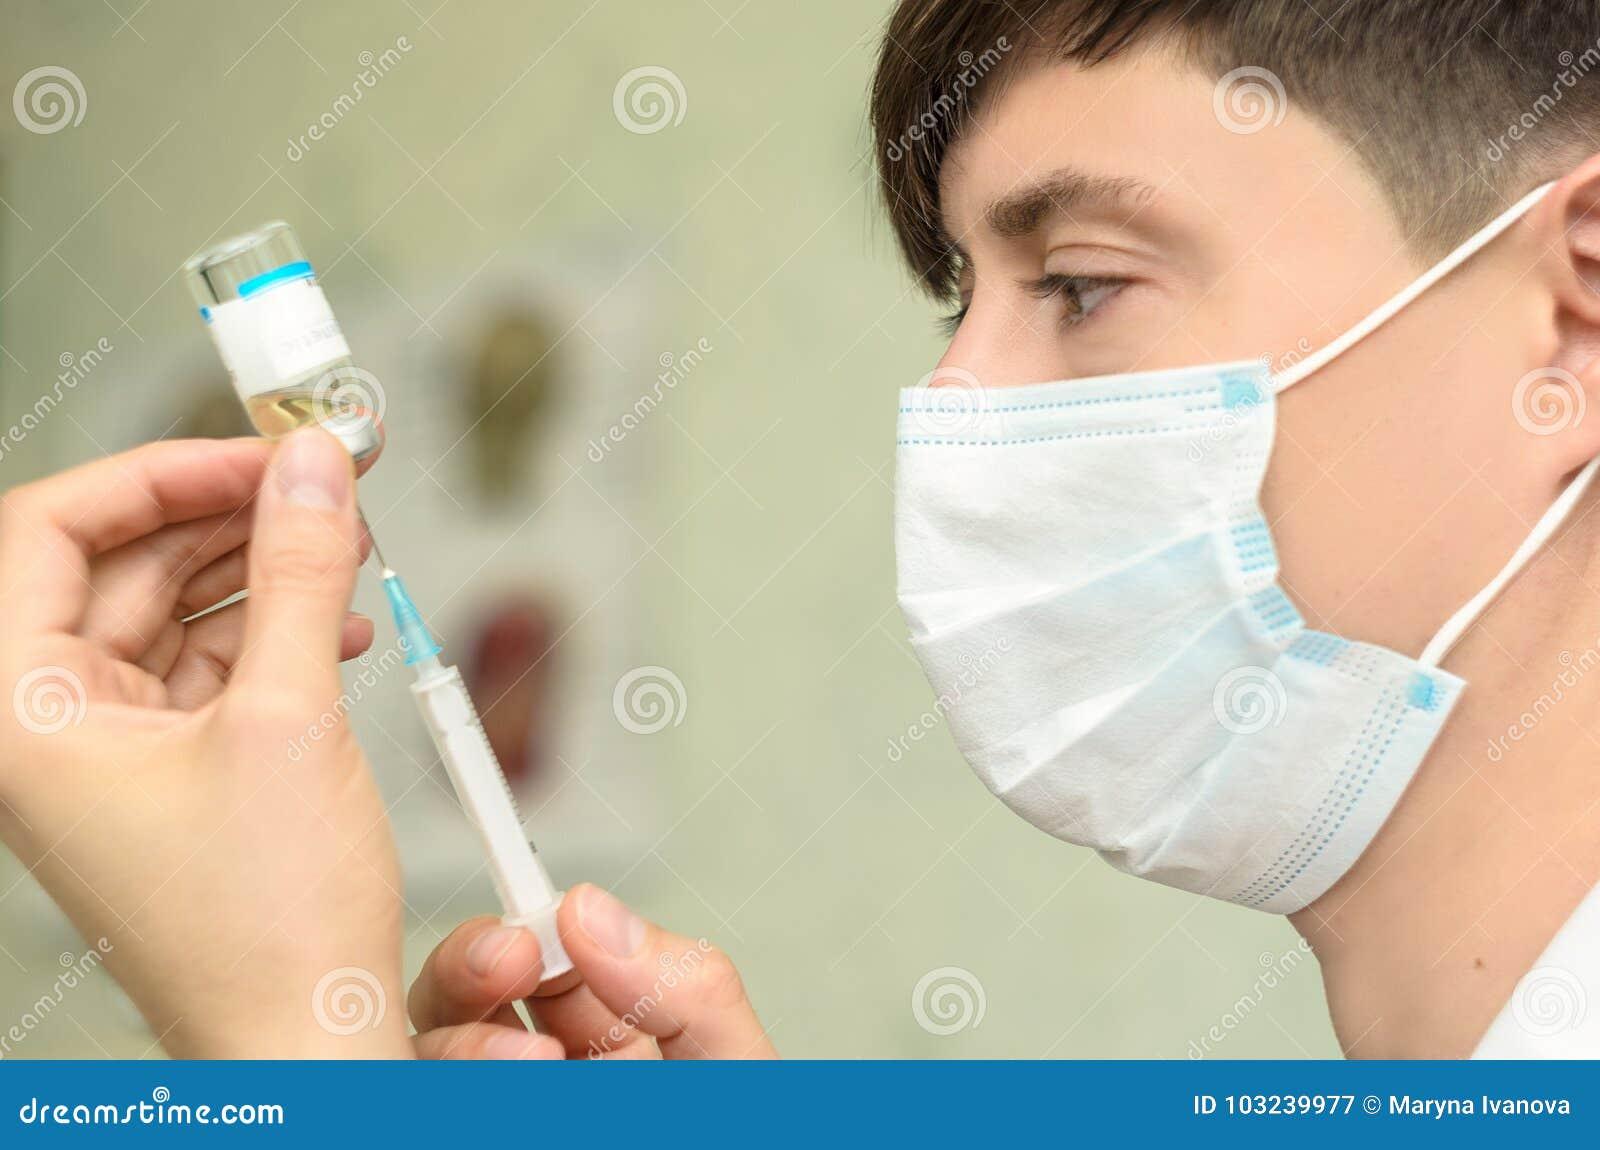 Cosmetologo maschio con la maschera medica sul fronte